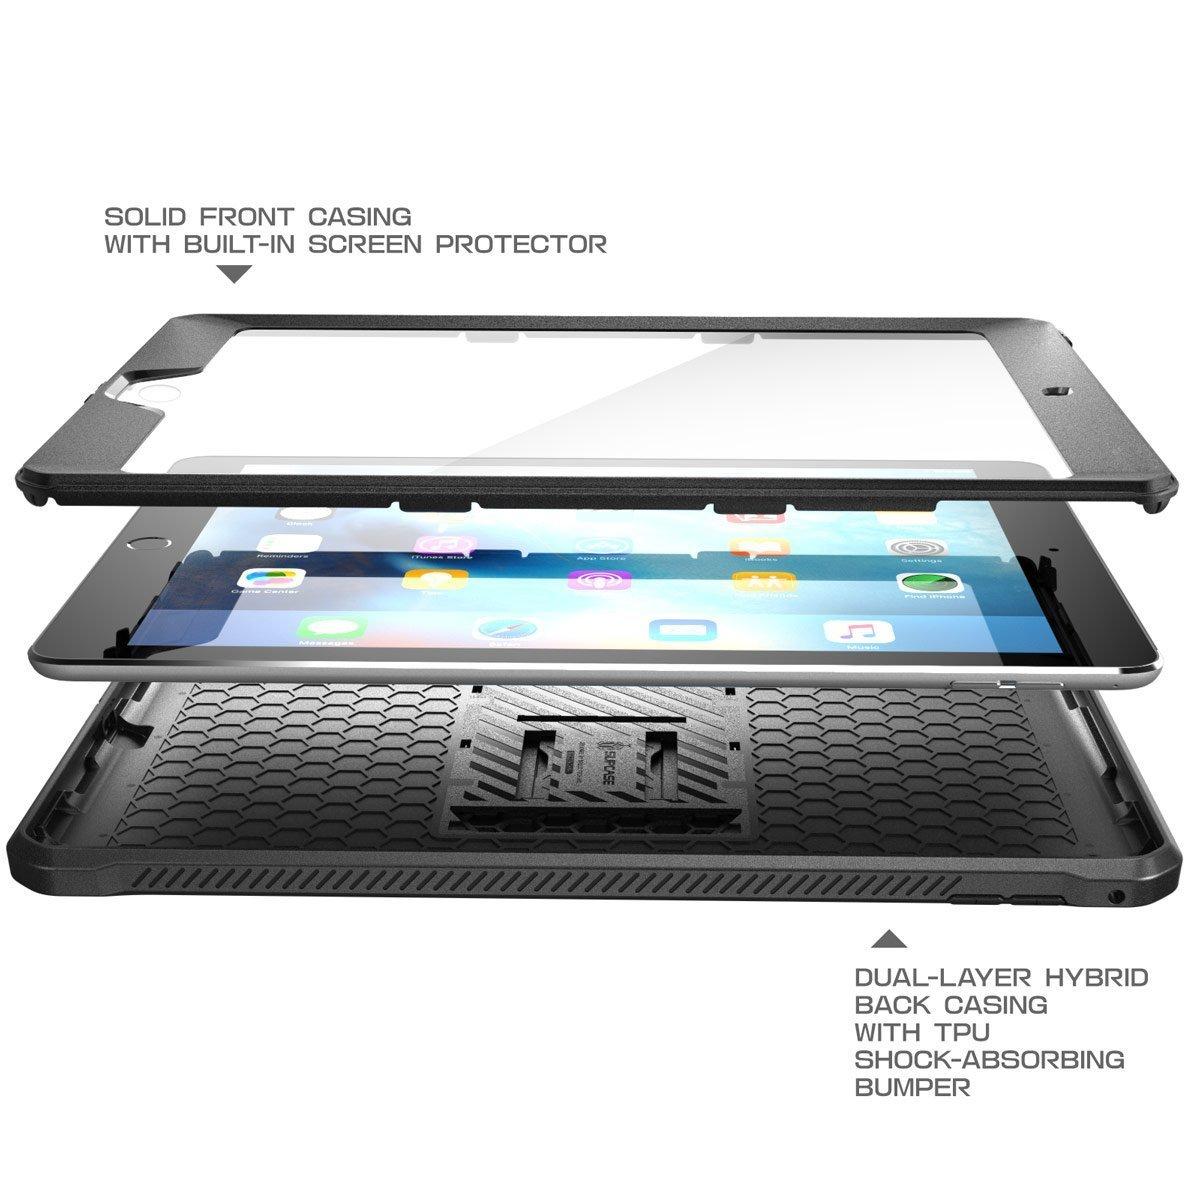 SUPCASE iPadCase 9.7inch 2017/2018 [UnicornBeetlePROSeries](Black) image 4